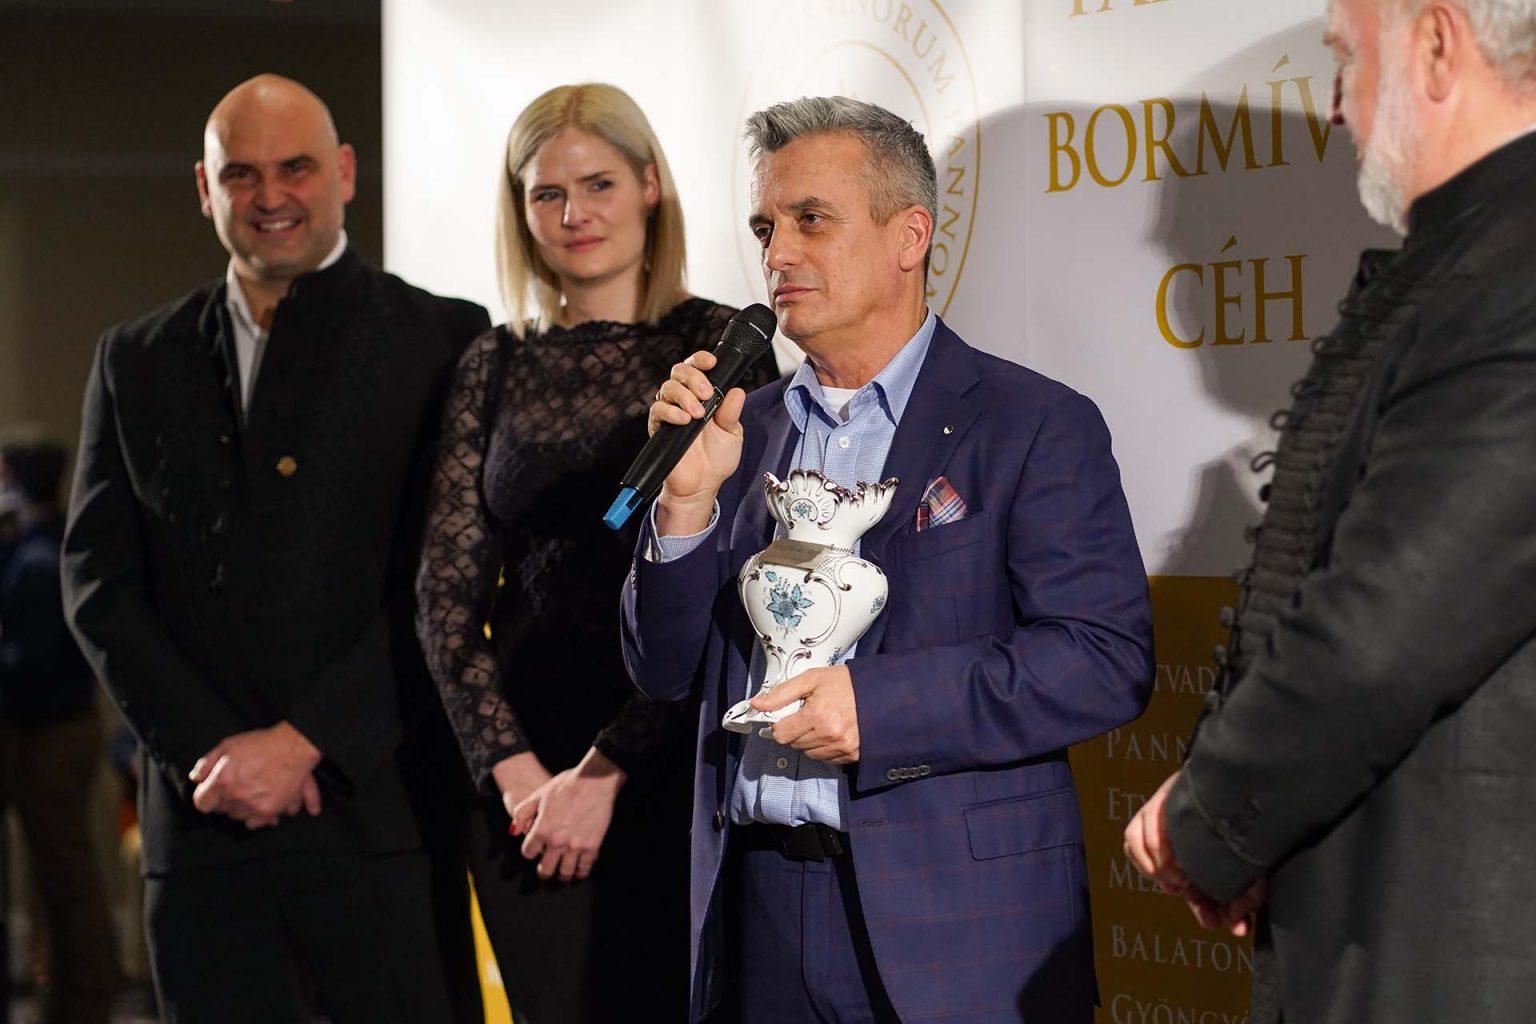 Pannon Bormíves Céh, Pannon Karácsony 2019. Bussay-díj átadó. A képen: Bolyki János, dr. Bussay Dorottya, Rókusfalvy Pál és Heimann Zoltán.